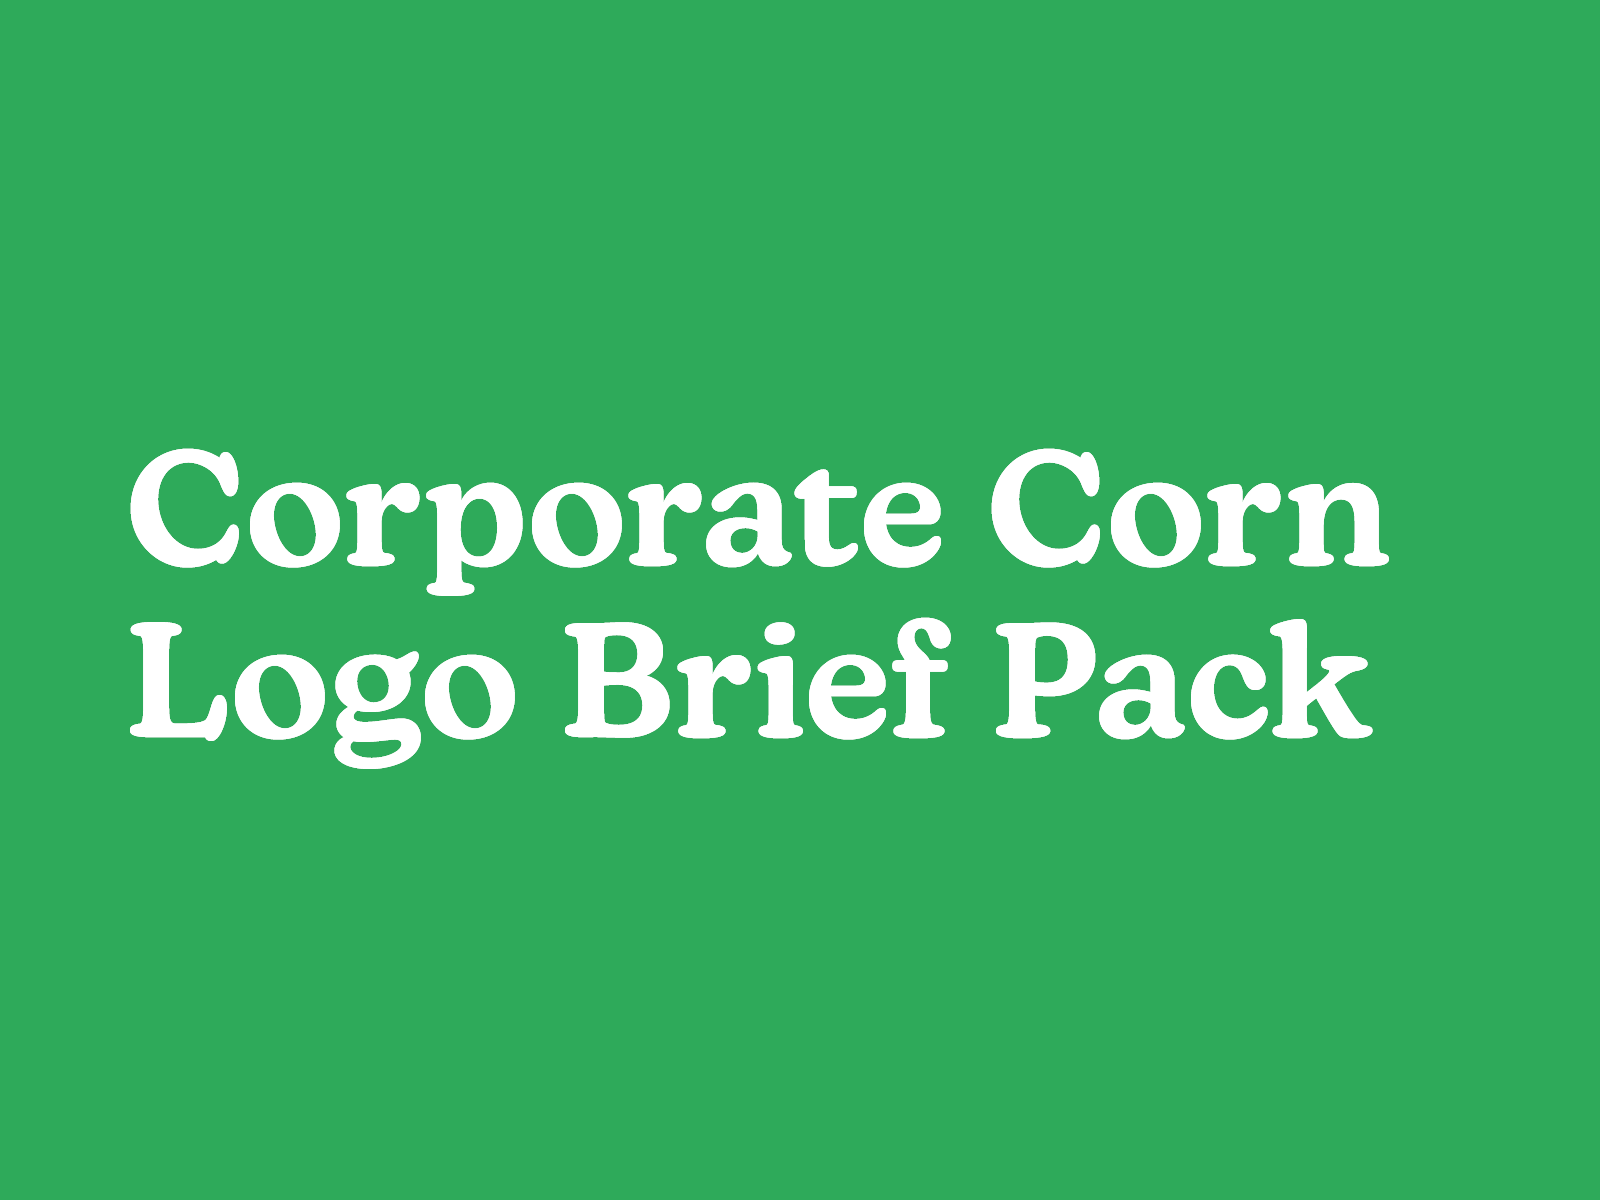 Corporate Corn Logo Brief Pack